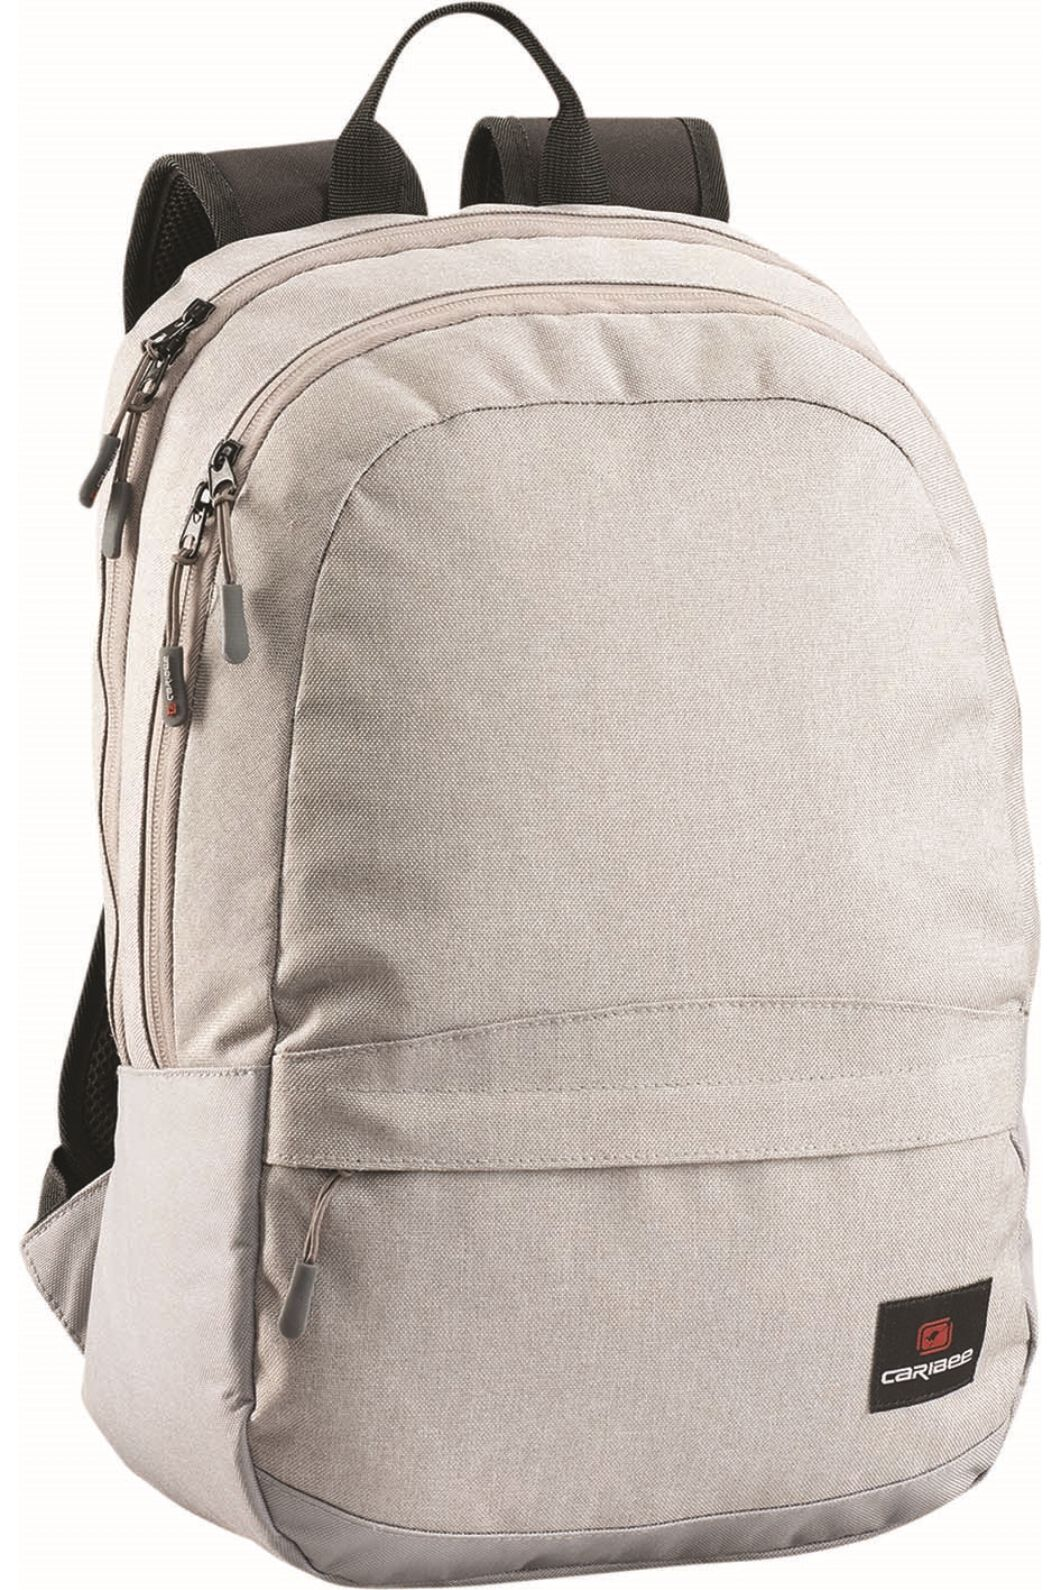 Caribee Rush Daypack 24L, None, hi-res